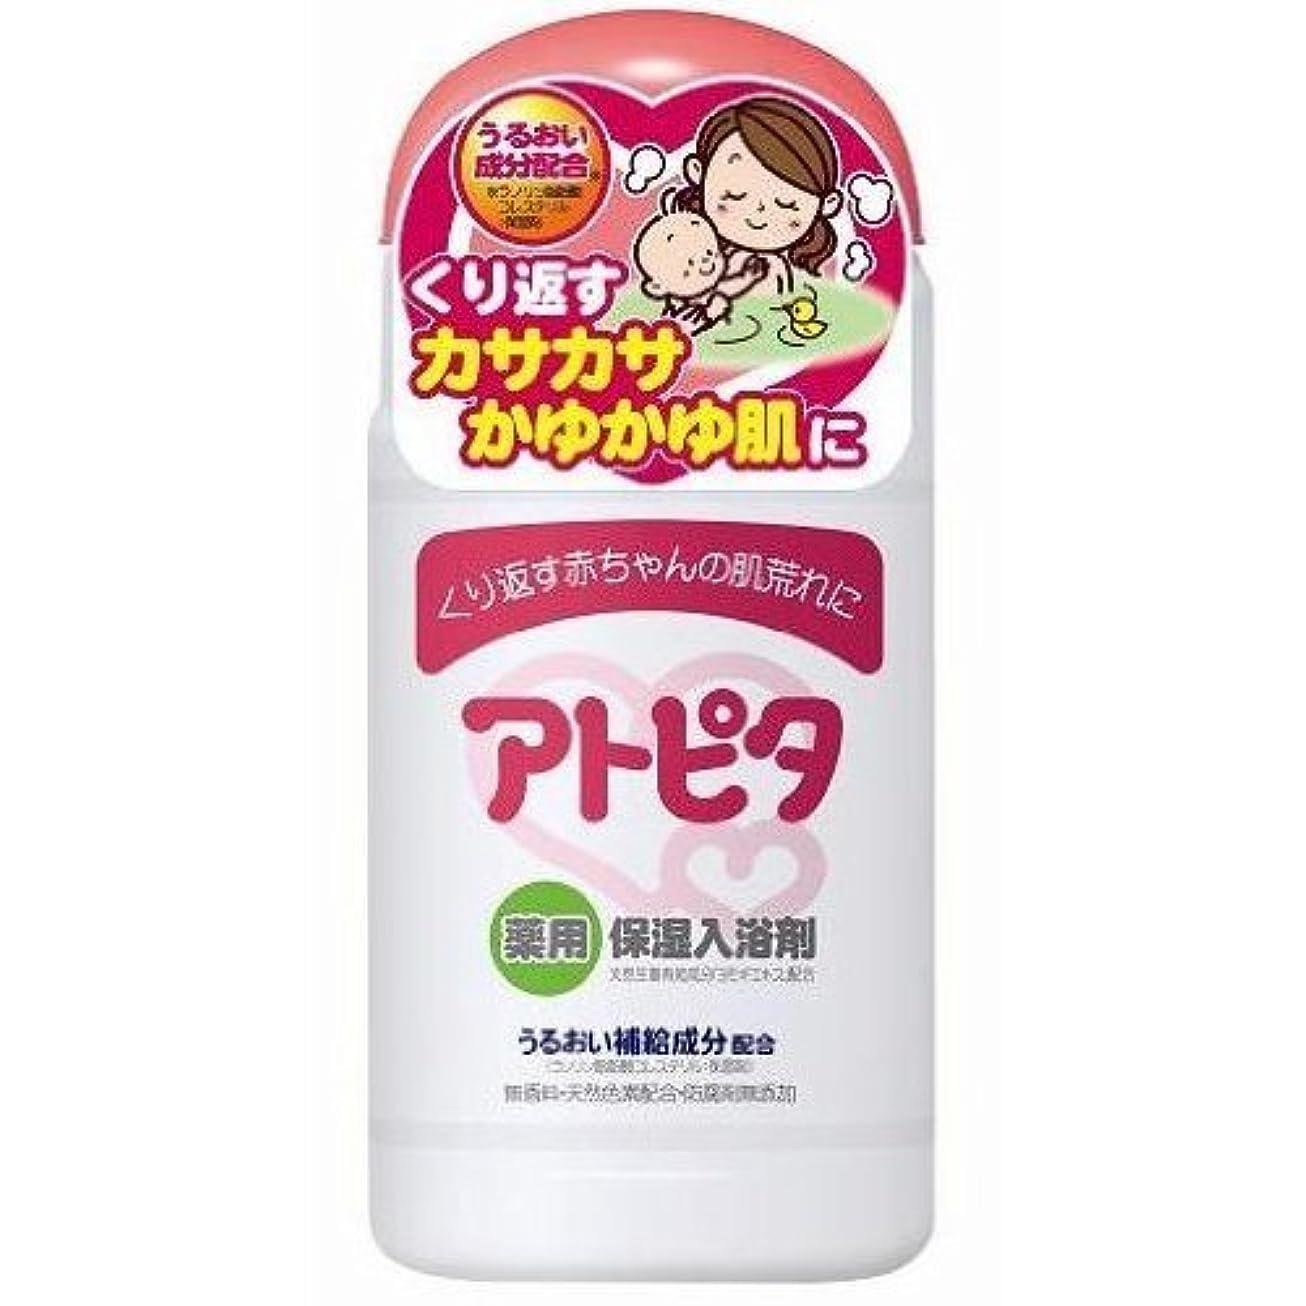 砂漠豆腐時々時々アトピタ薬用入浴剤 500g